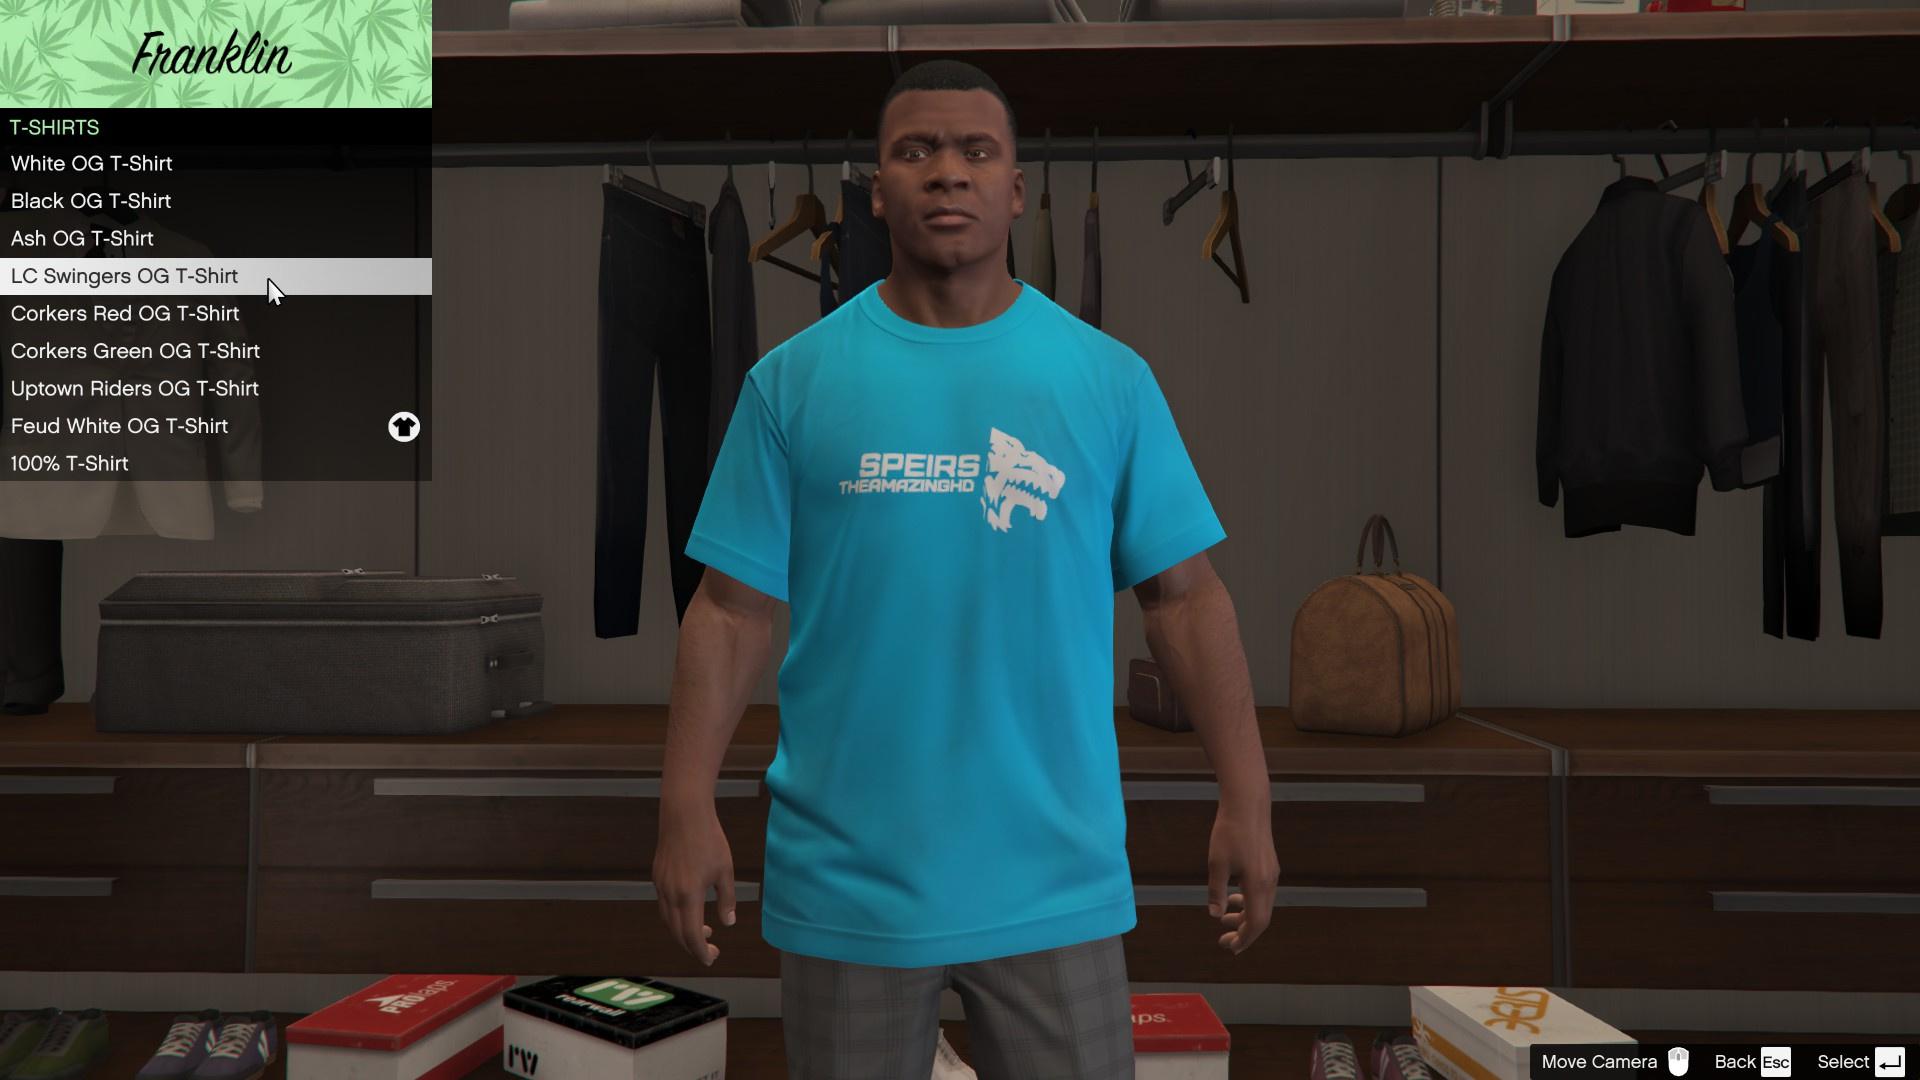 SpeirsTheAmazingHD Shirts - GTA5-Mods com